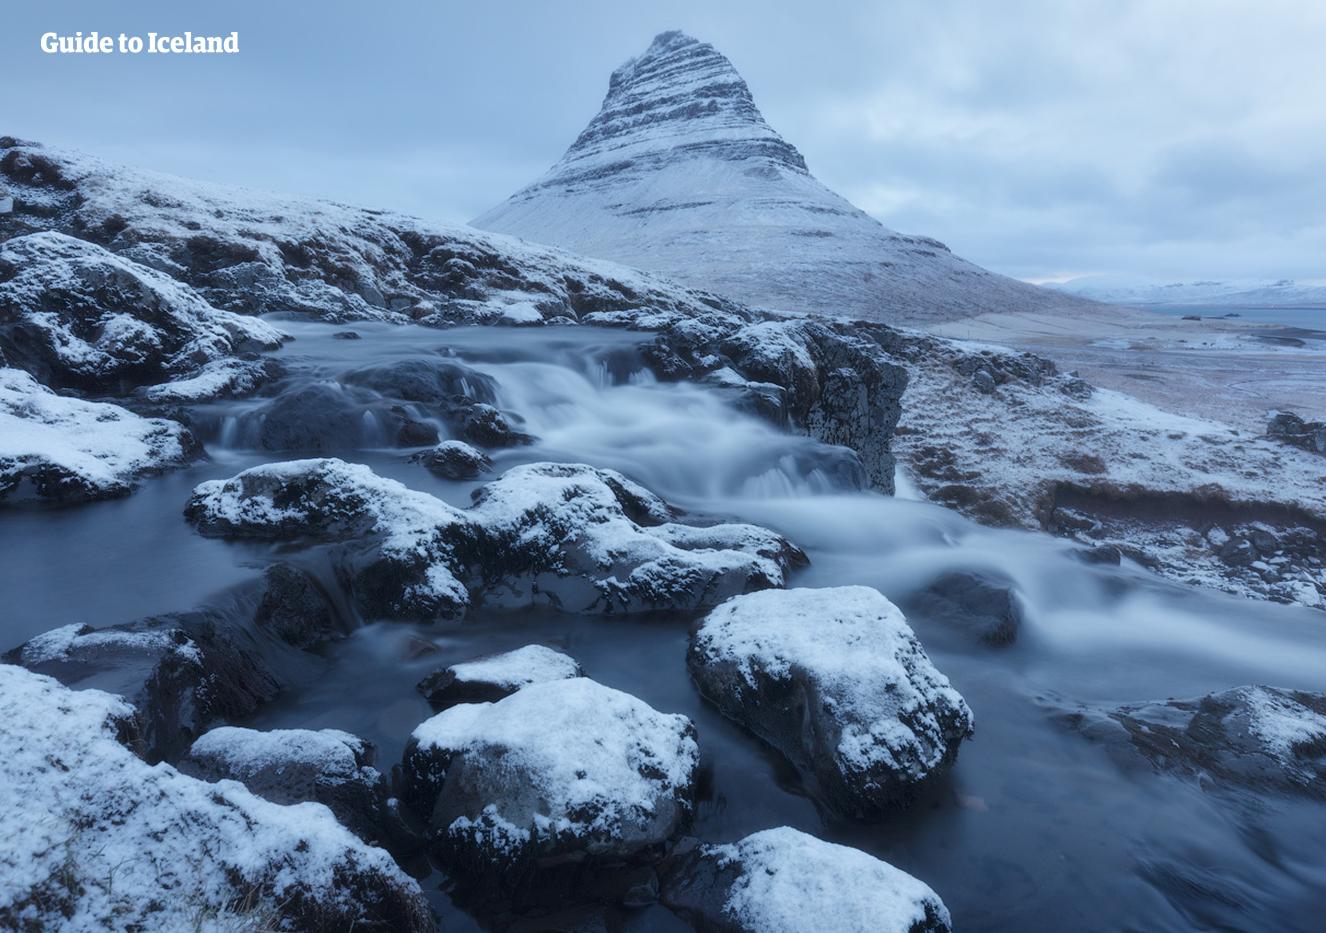 Vintertid har Kirkjufell använts för inspelningen av Game of Thrones, som en plats norr om muren.